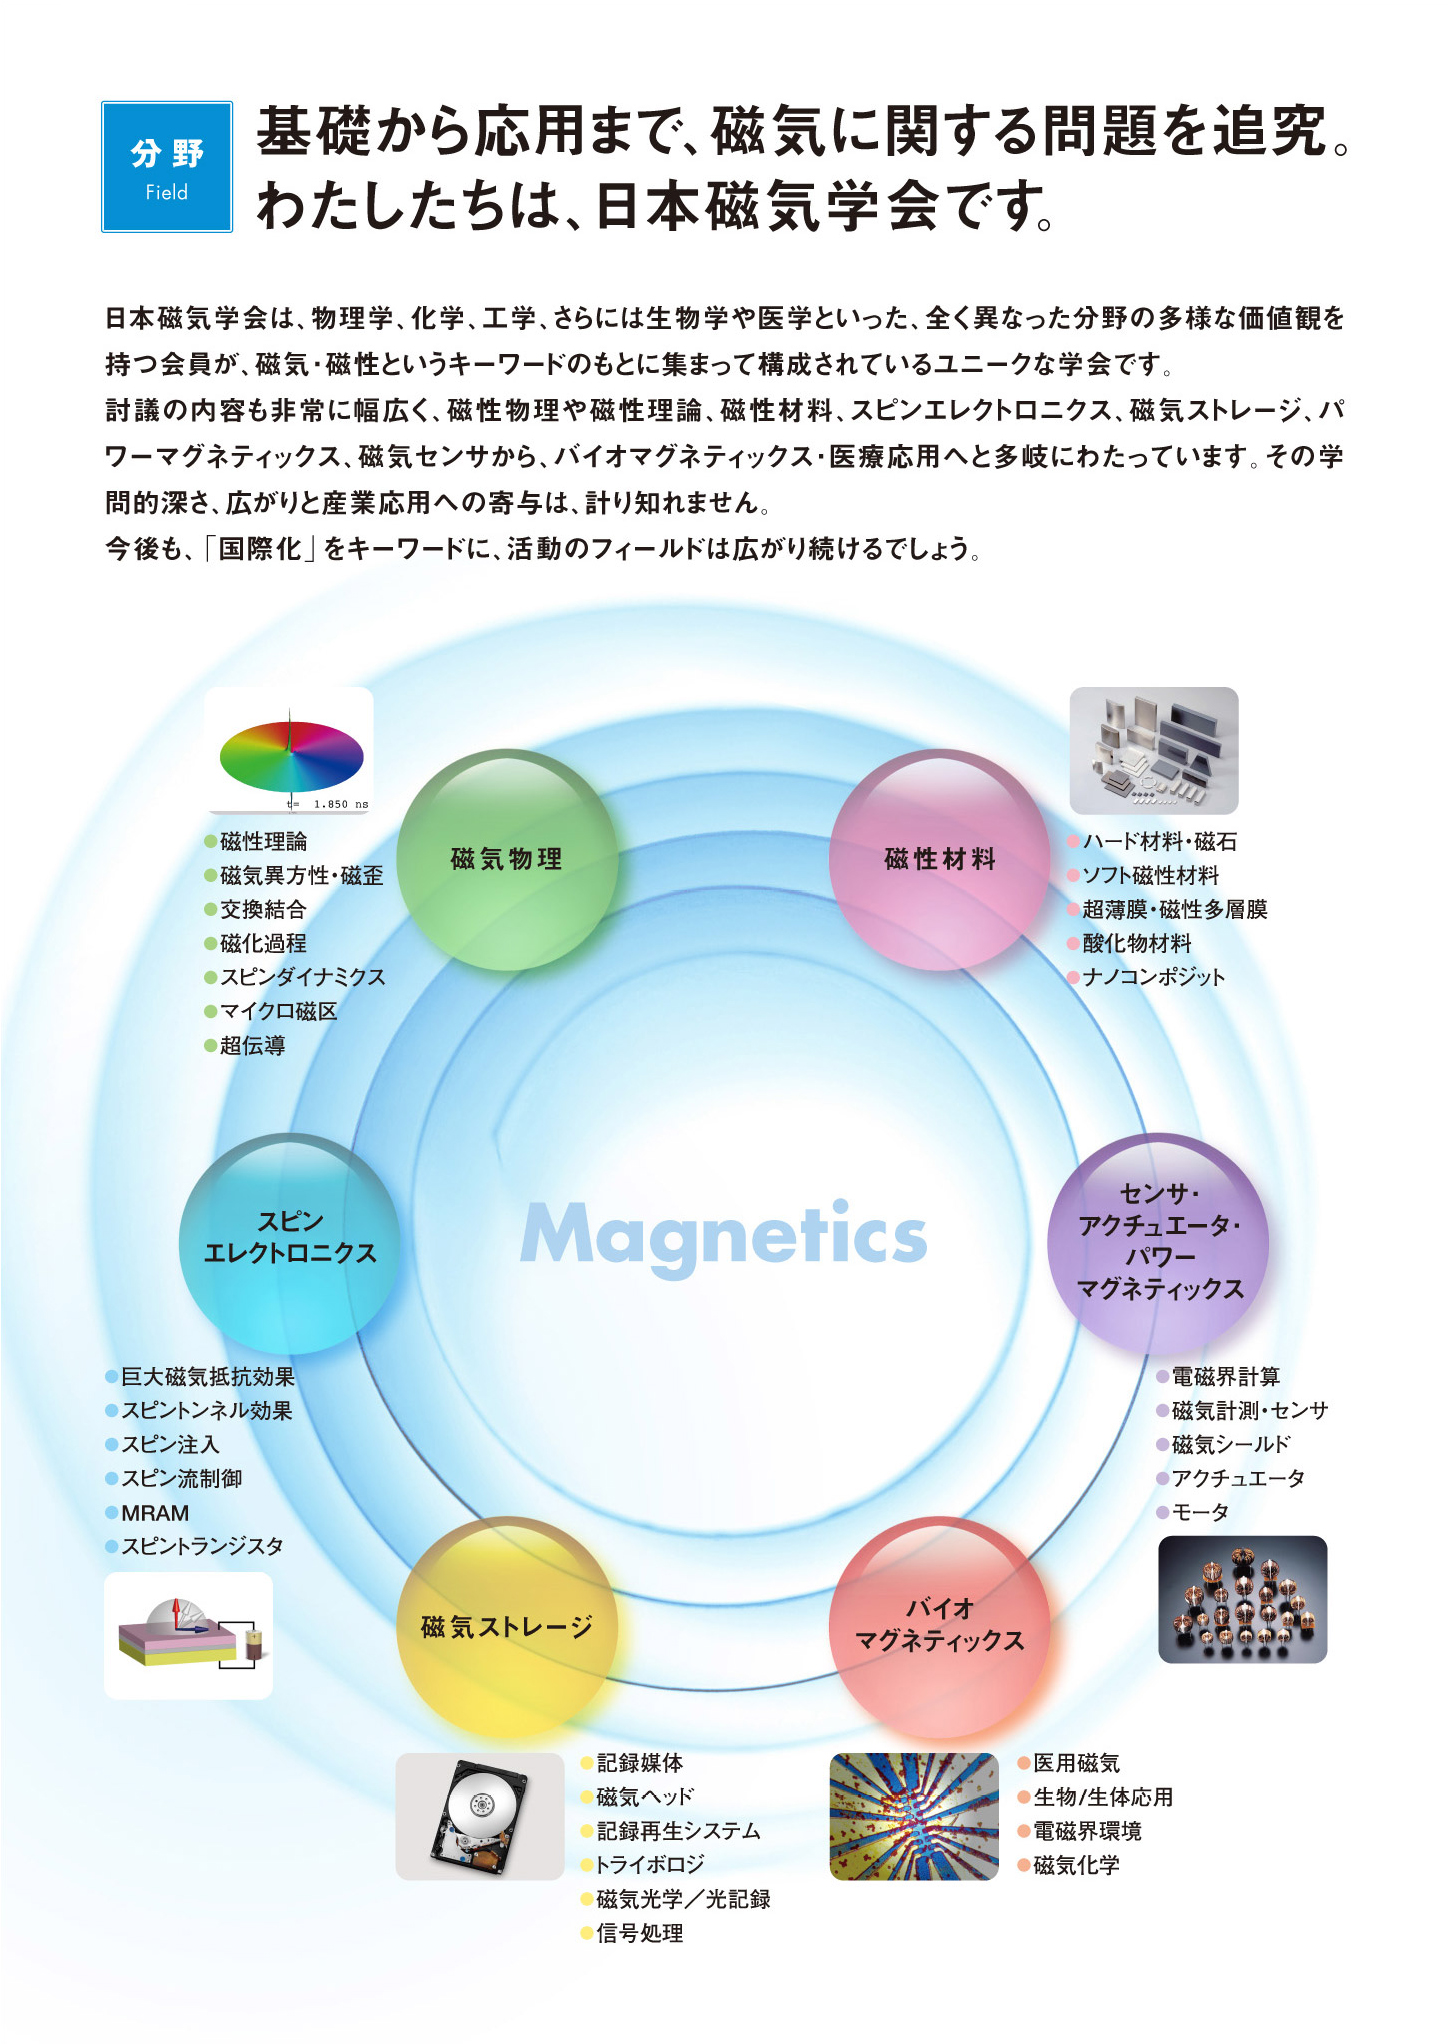 主要な研究分野 | 日本磁気学会